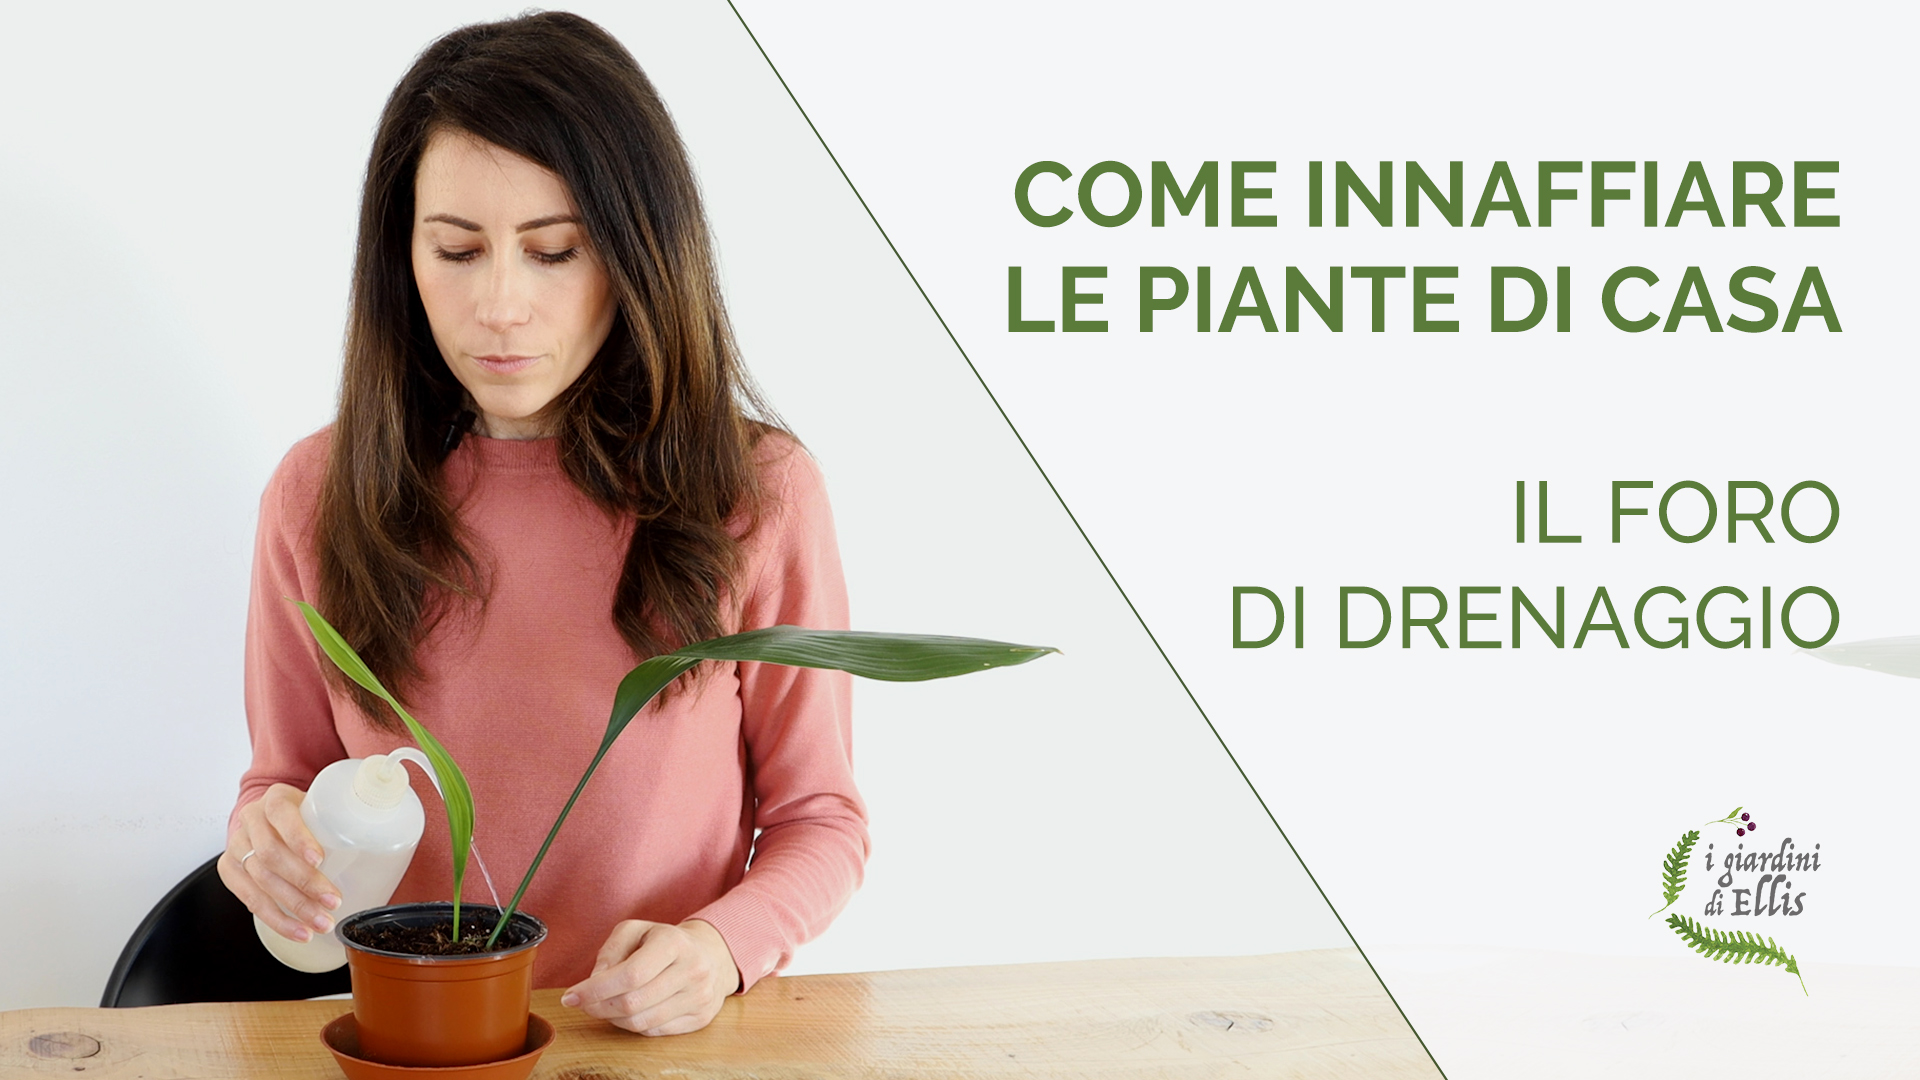 Come annaffiare le piante di casa